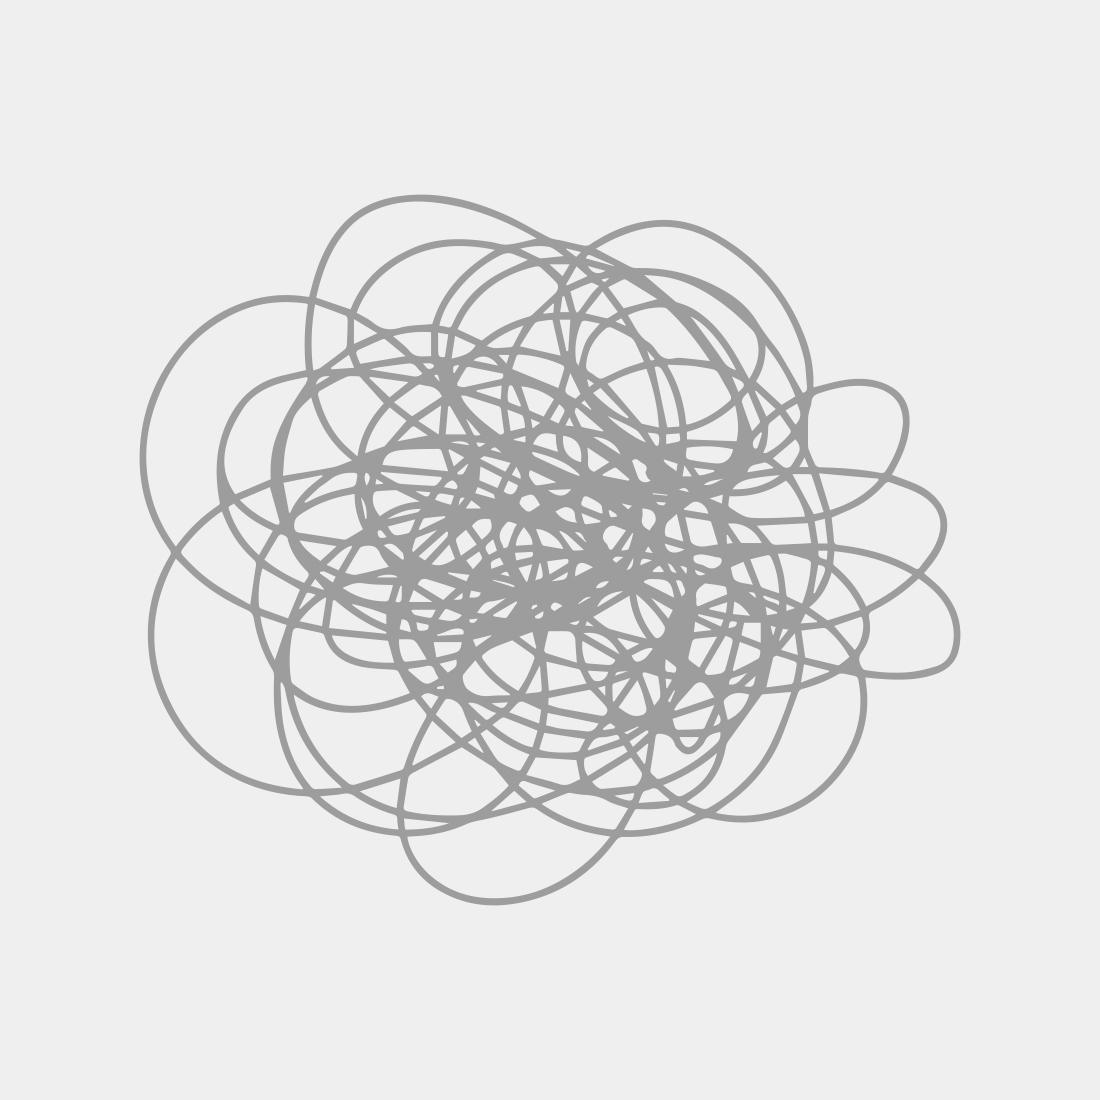 Sheet Wrap Collage